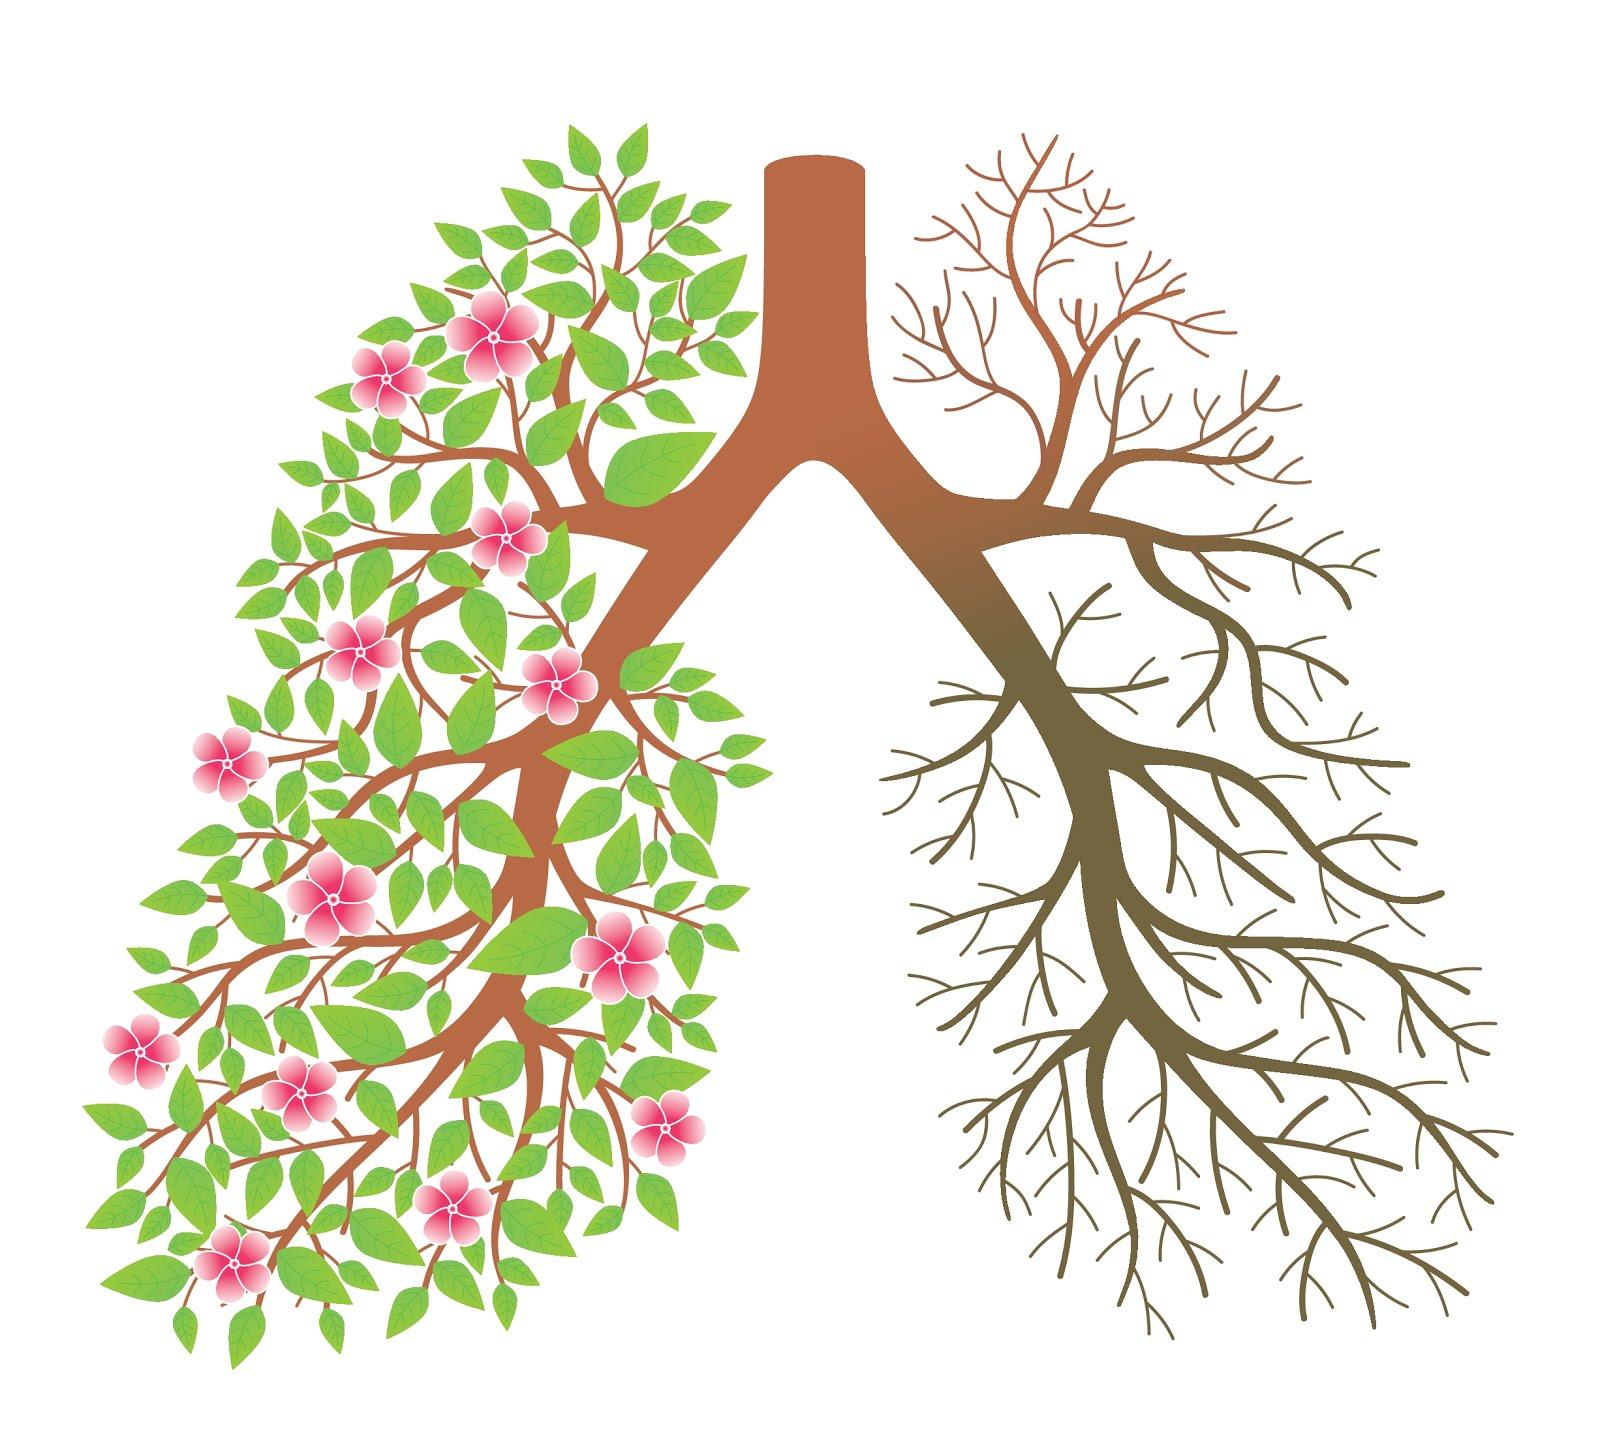 kol lunger